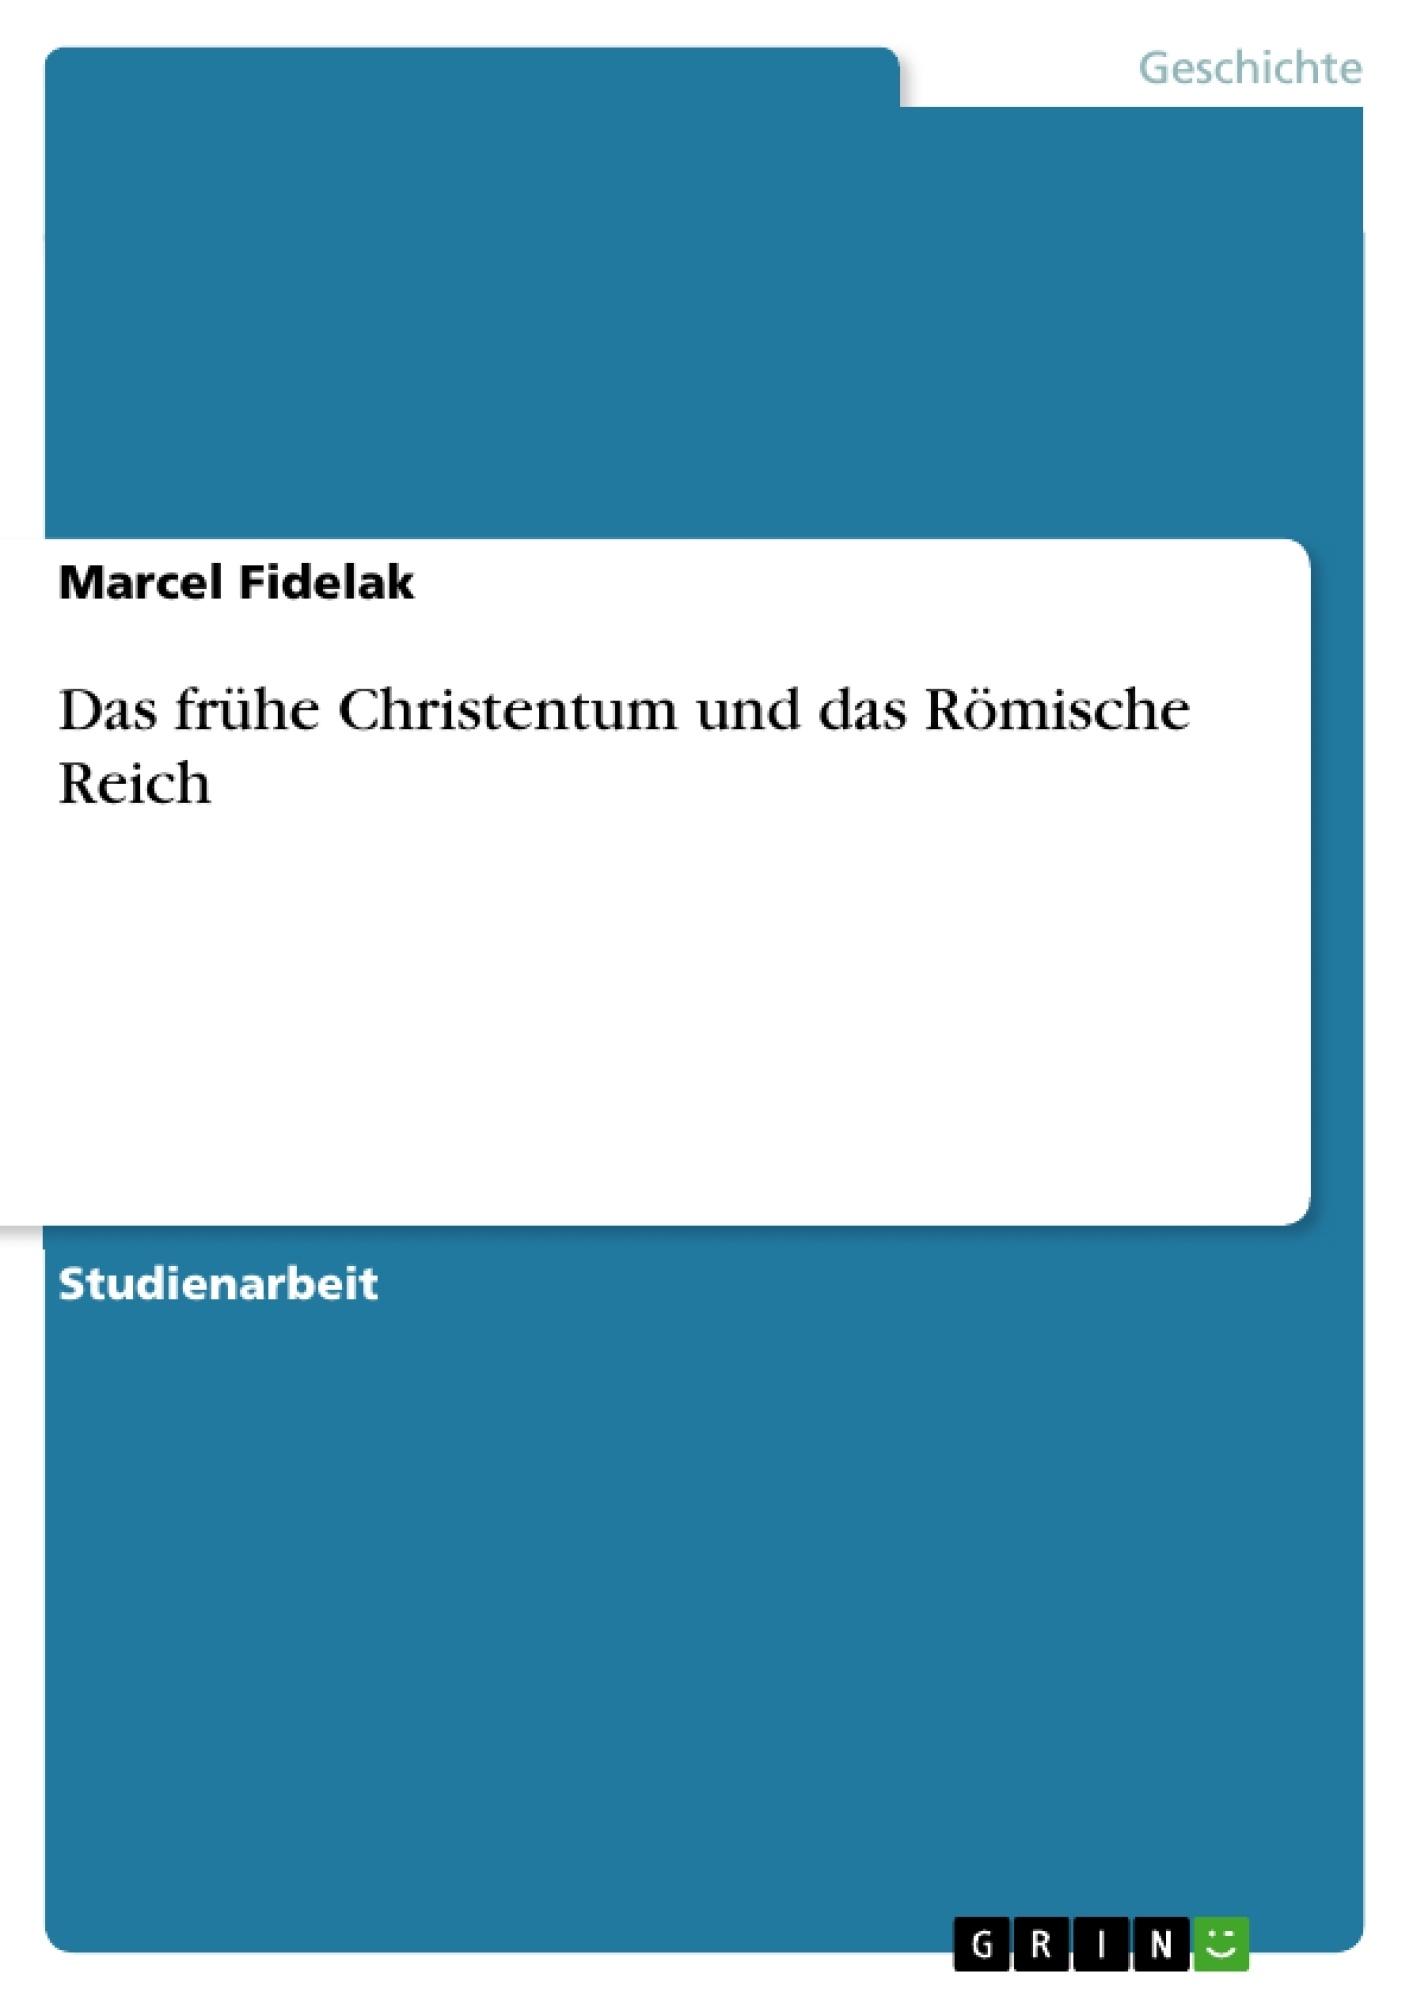 Titel: Das frühe Christentum und das Römische Reich